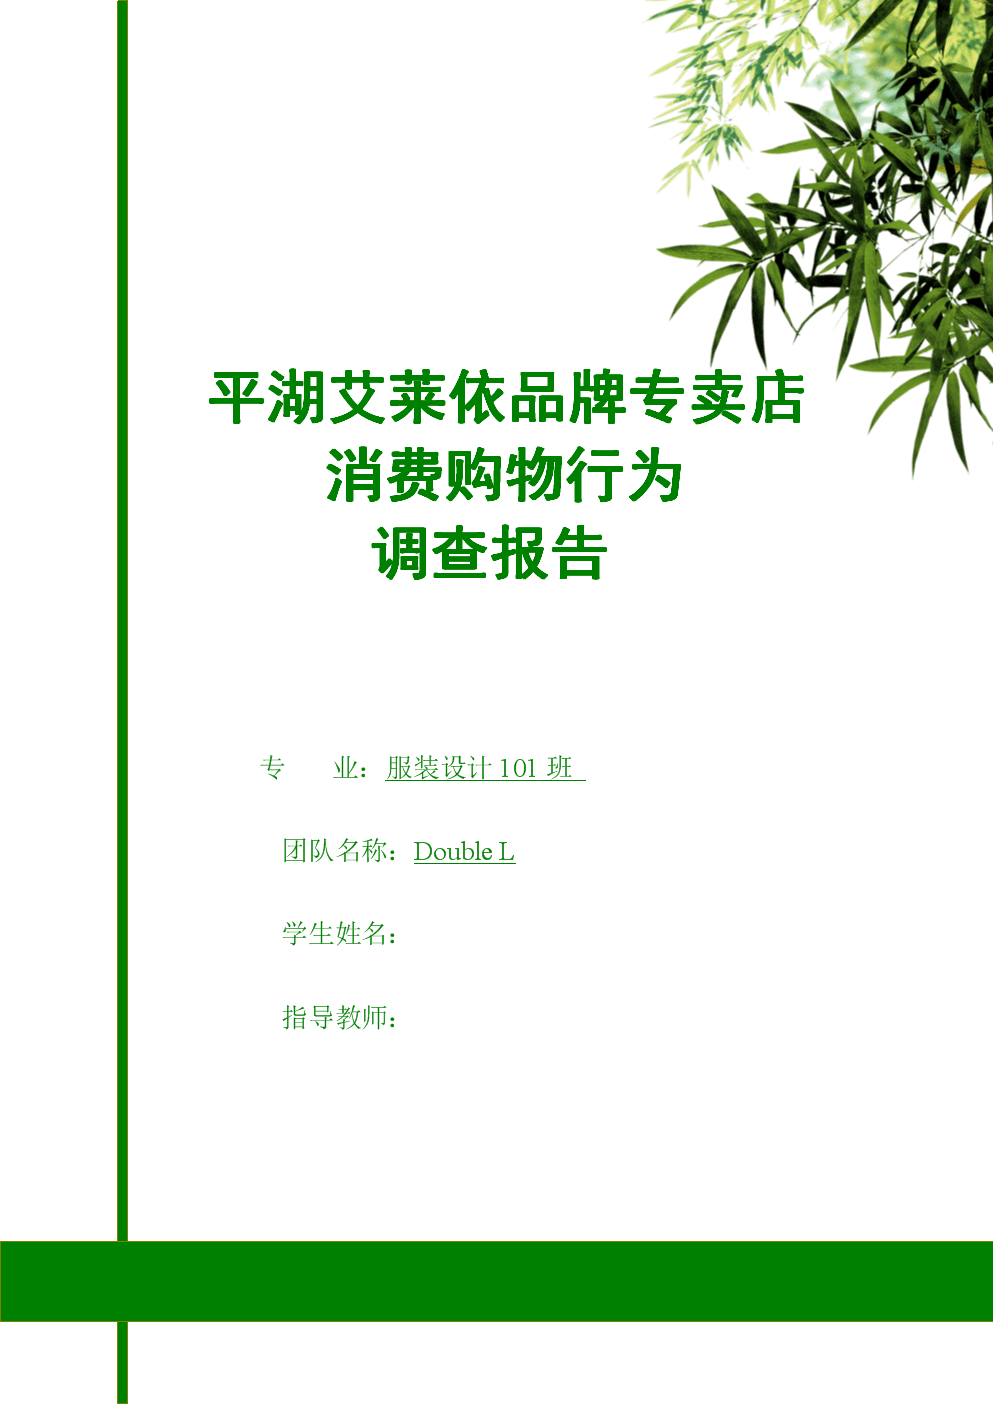 平湖市艾莱依品牌专卖店消费购物行为调查报告5.doc